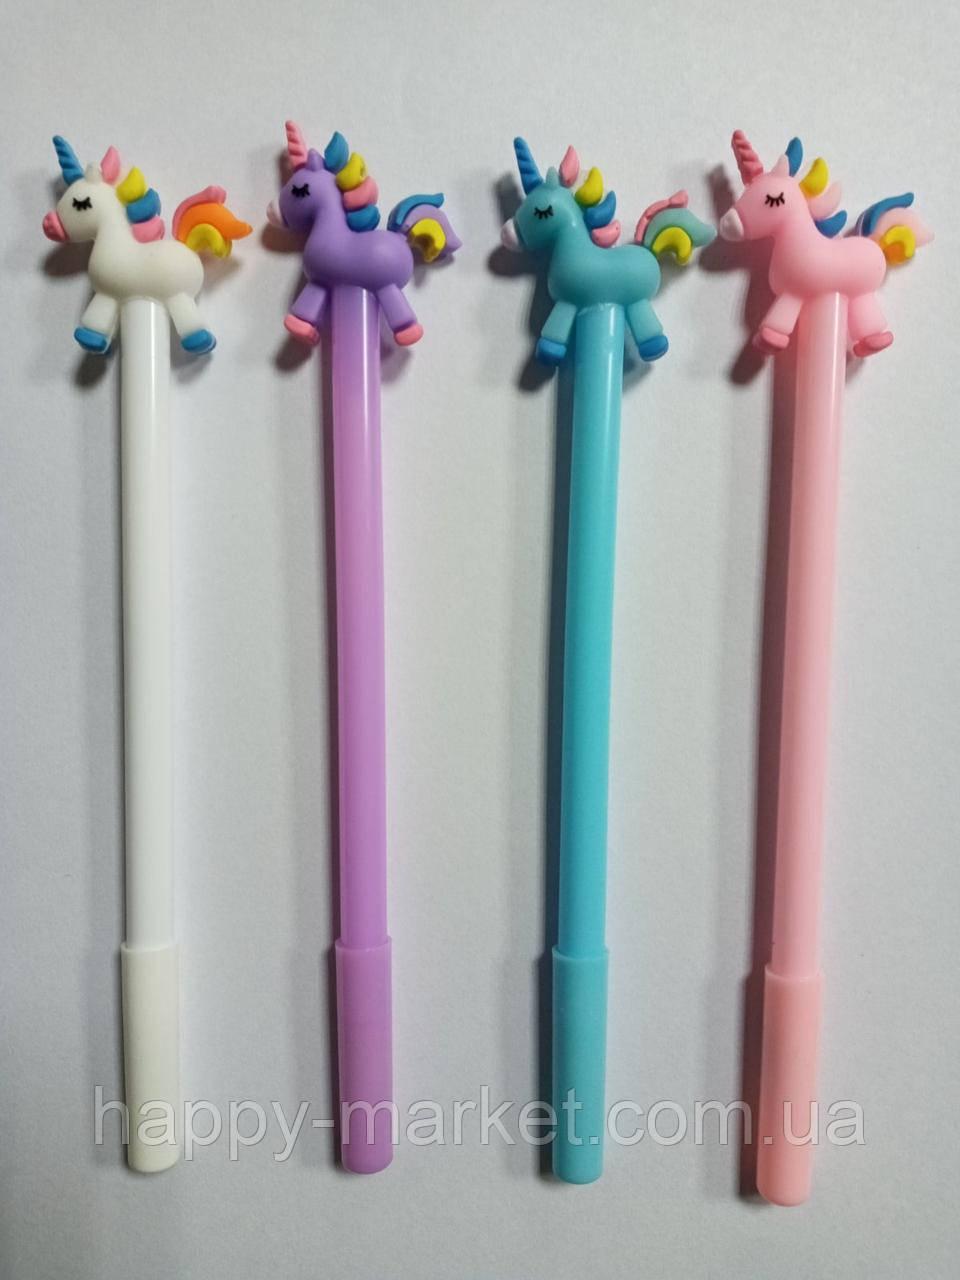 """Ручка дитячий гель №1156 (052) """"Тюльпан"""" силікон, синя 0,5 мм (уп48) змінює колір на ультрафіолеті"""